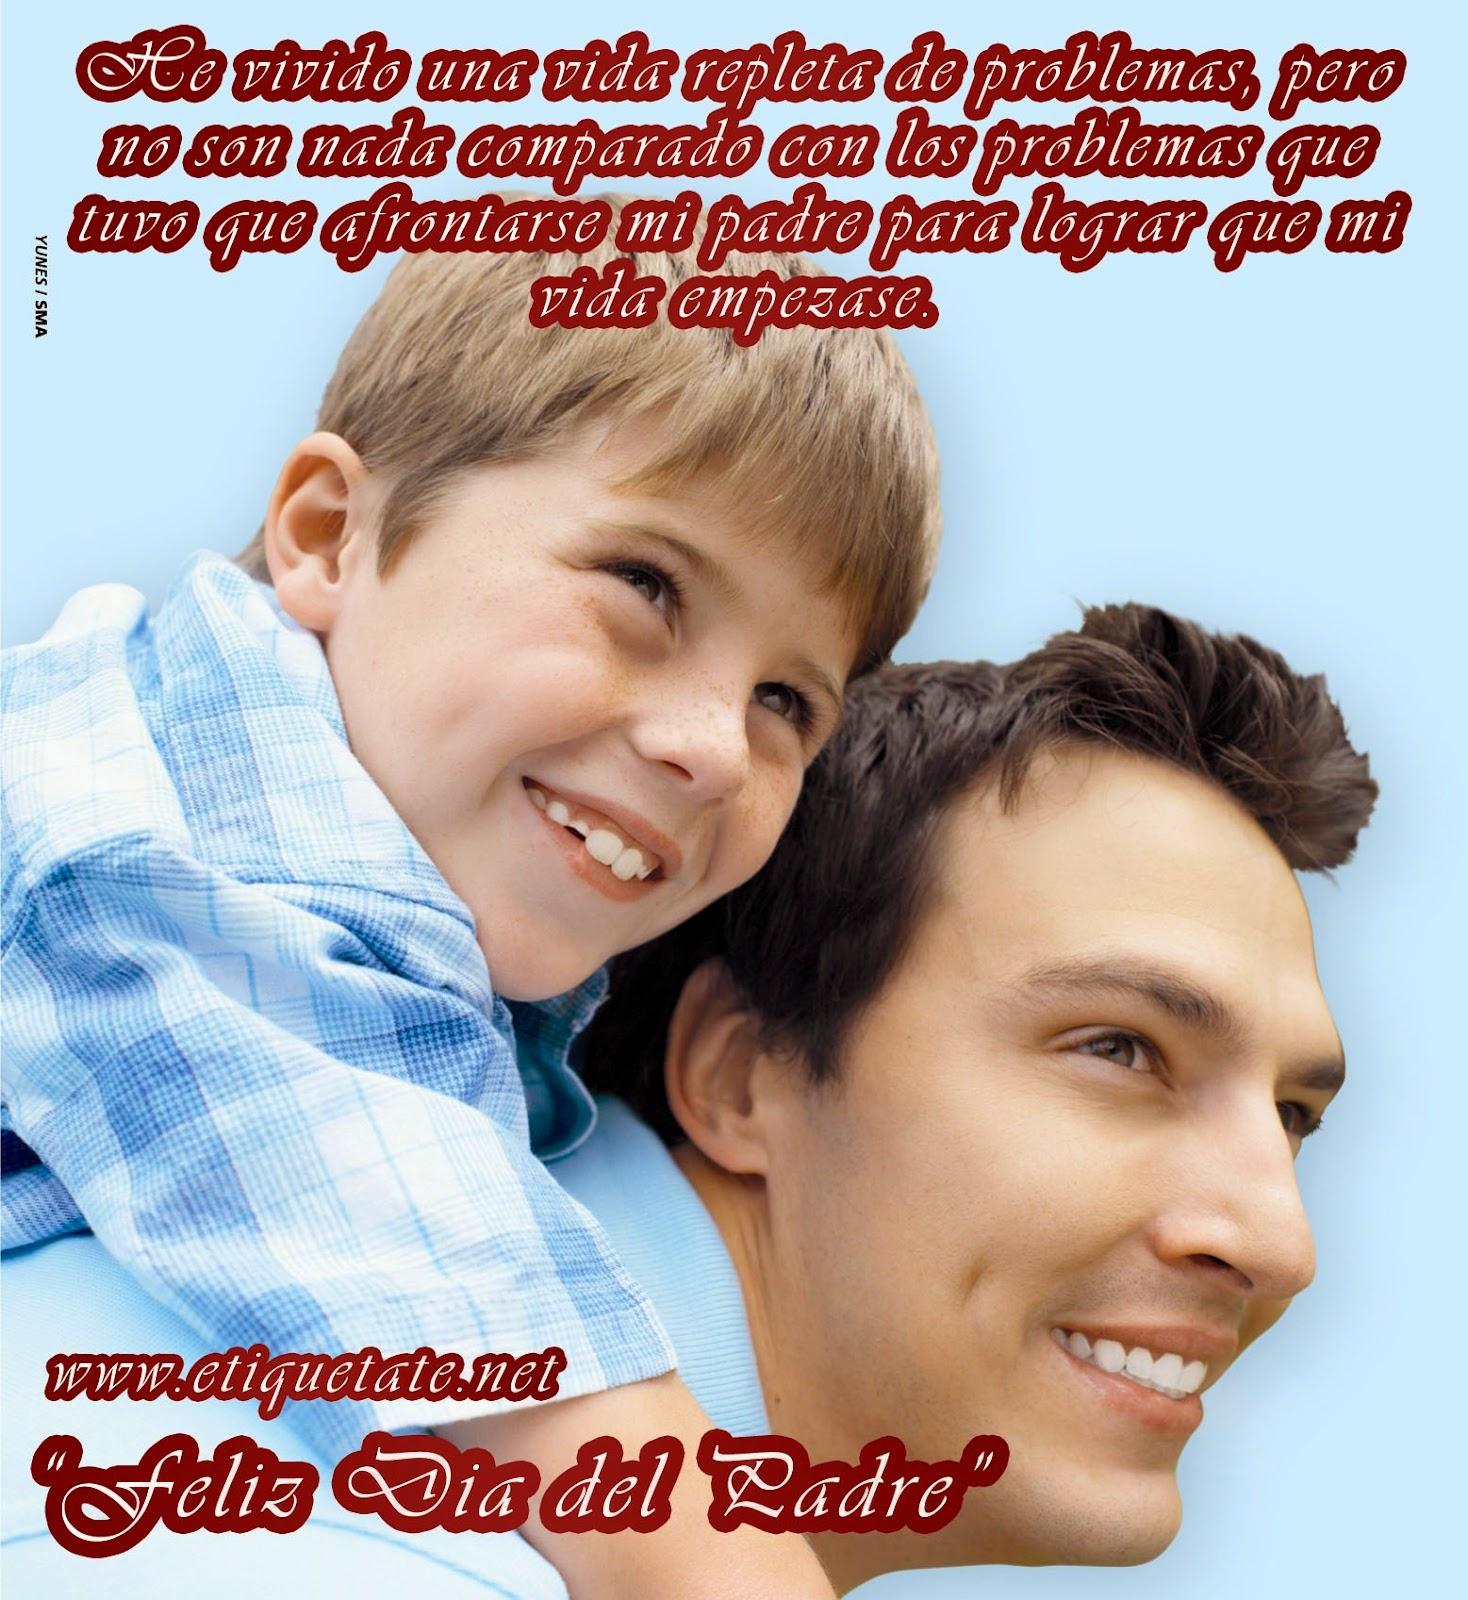 los mejores textos, tarjetas t mensajes para el dia del padre con imágenes hermosas